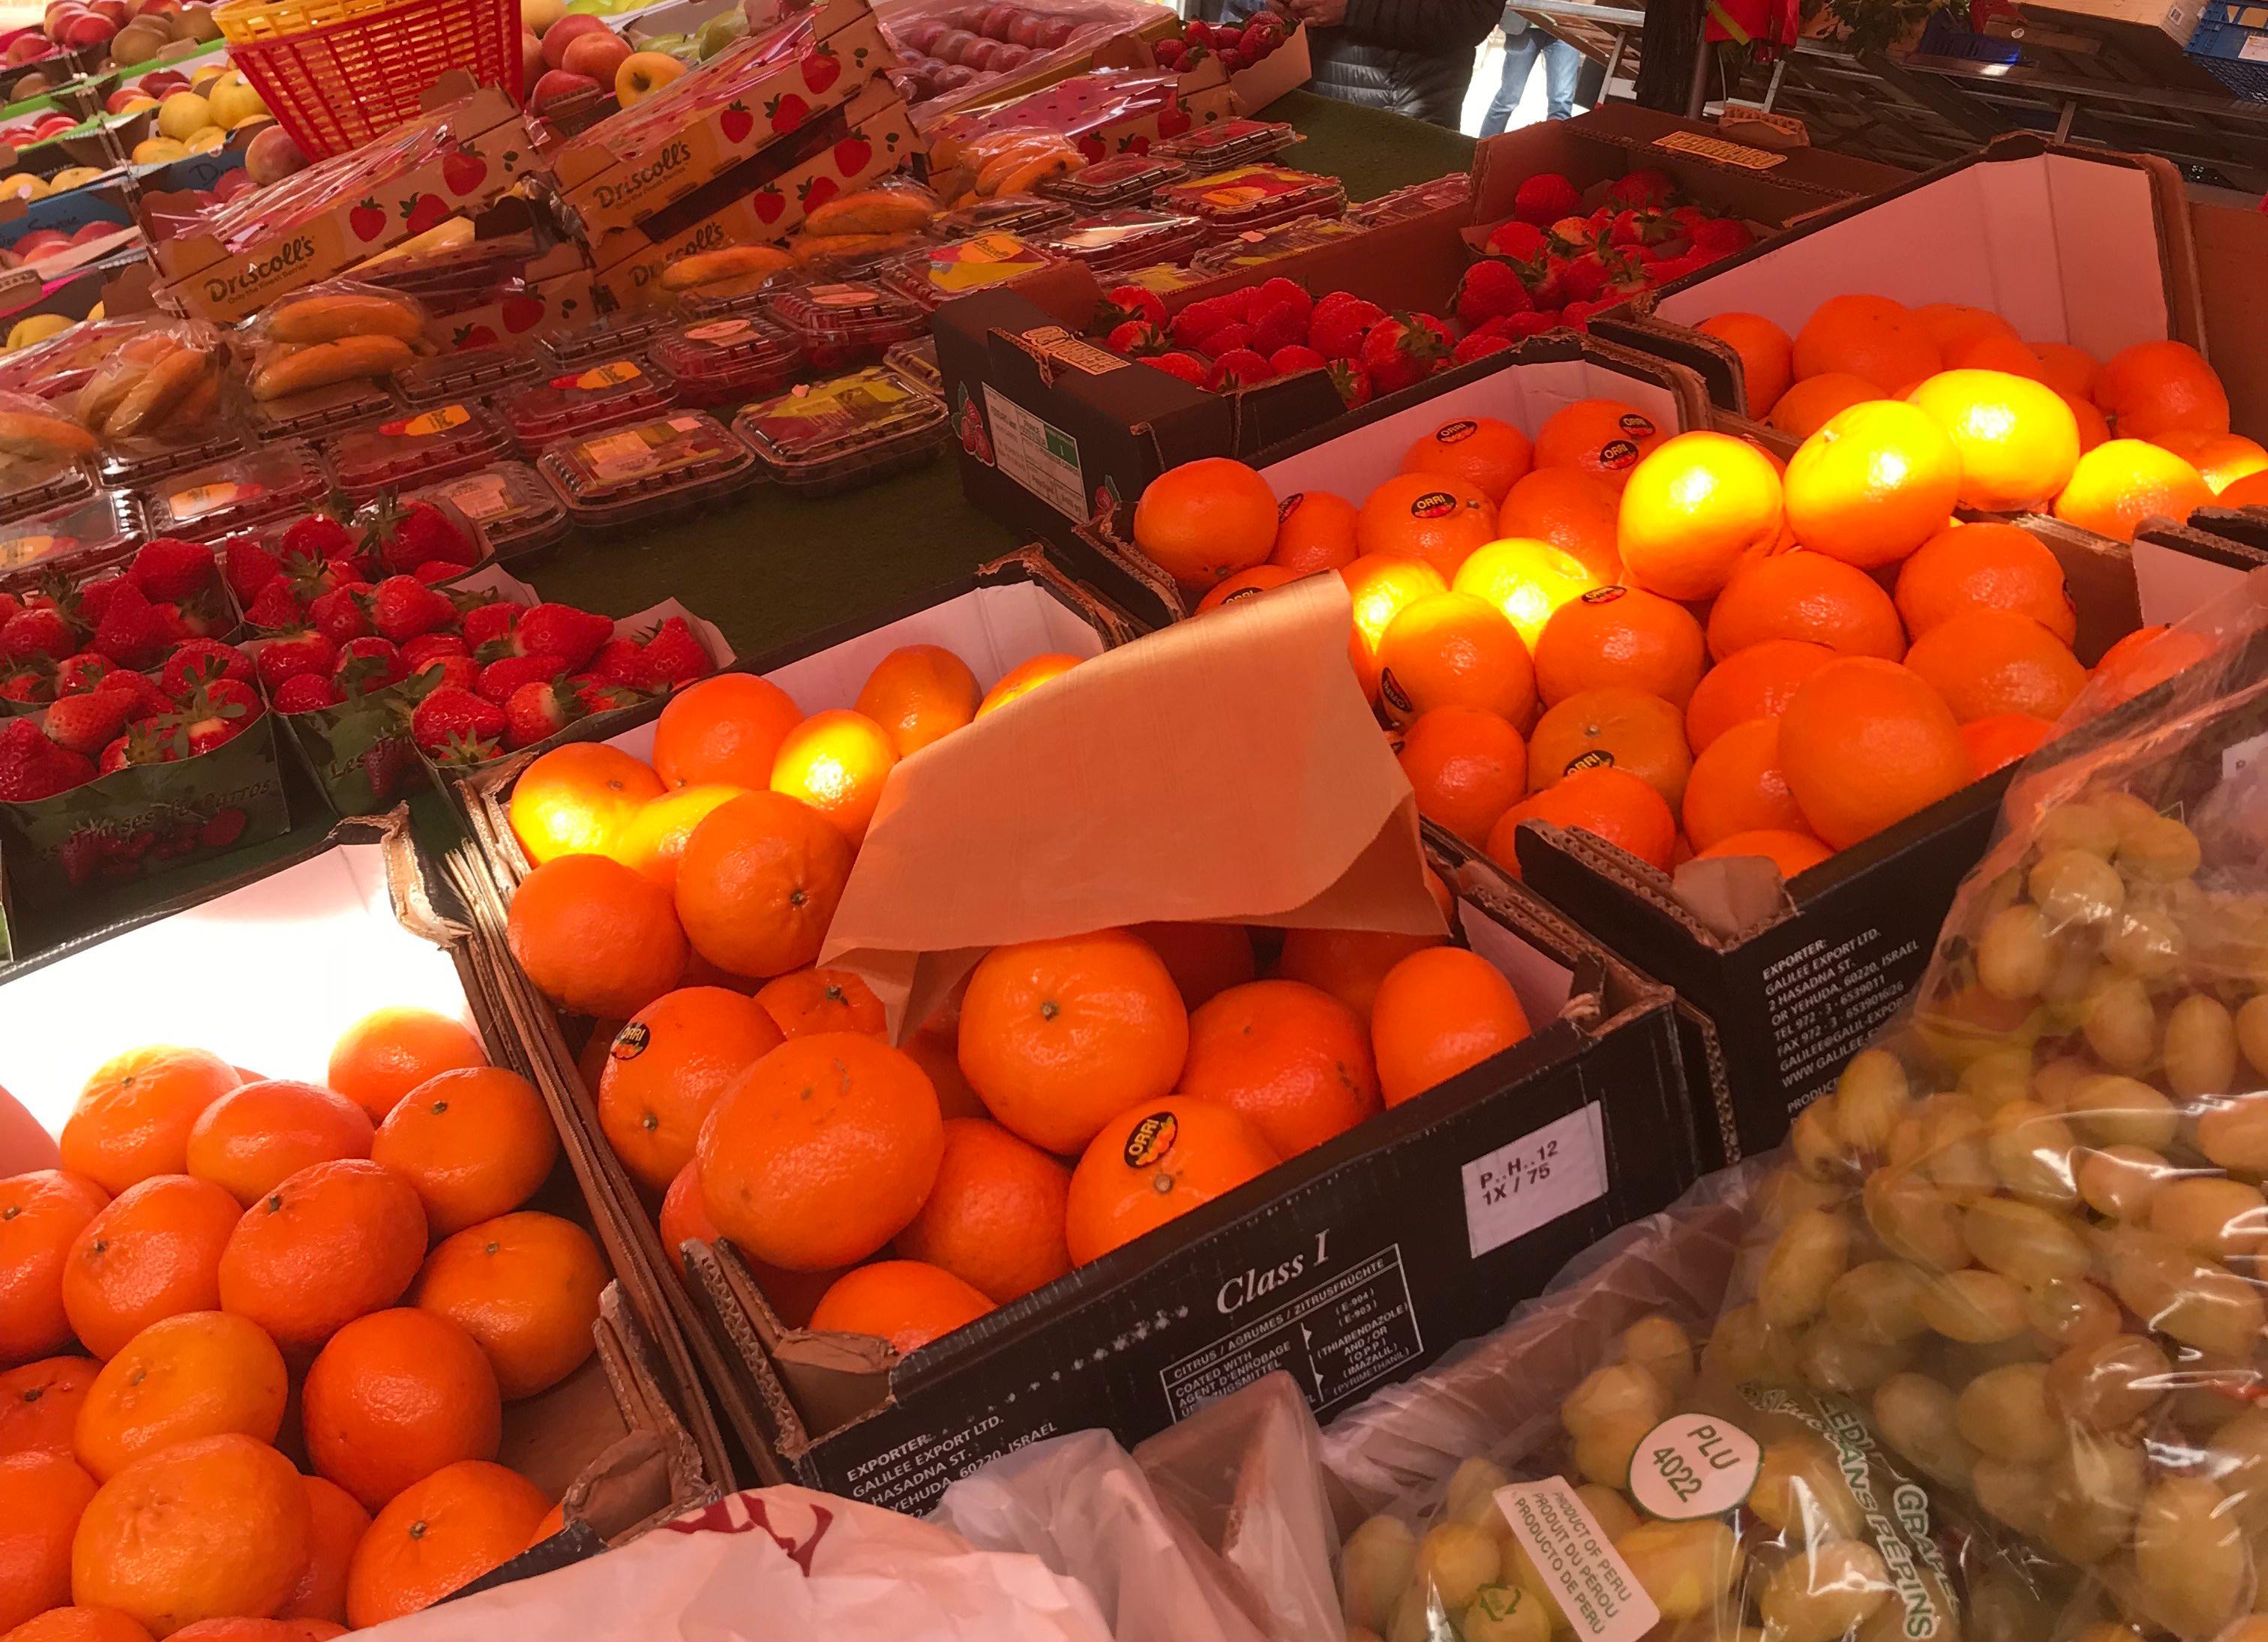 Monaco markets